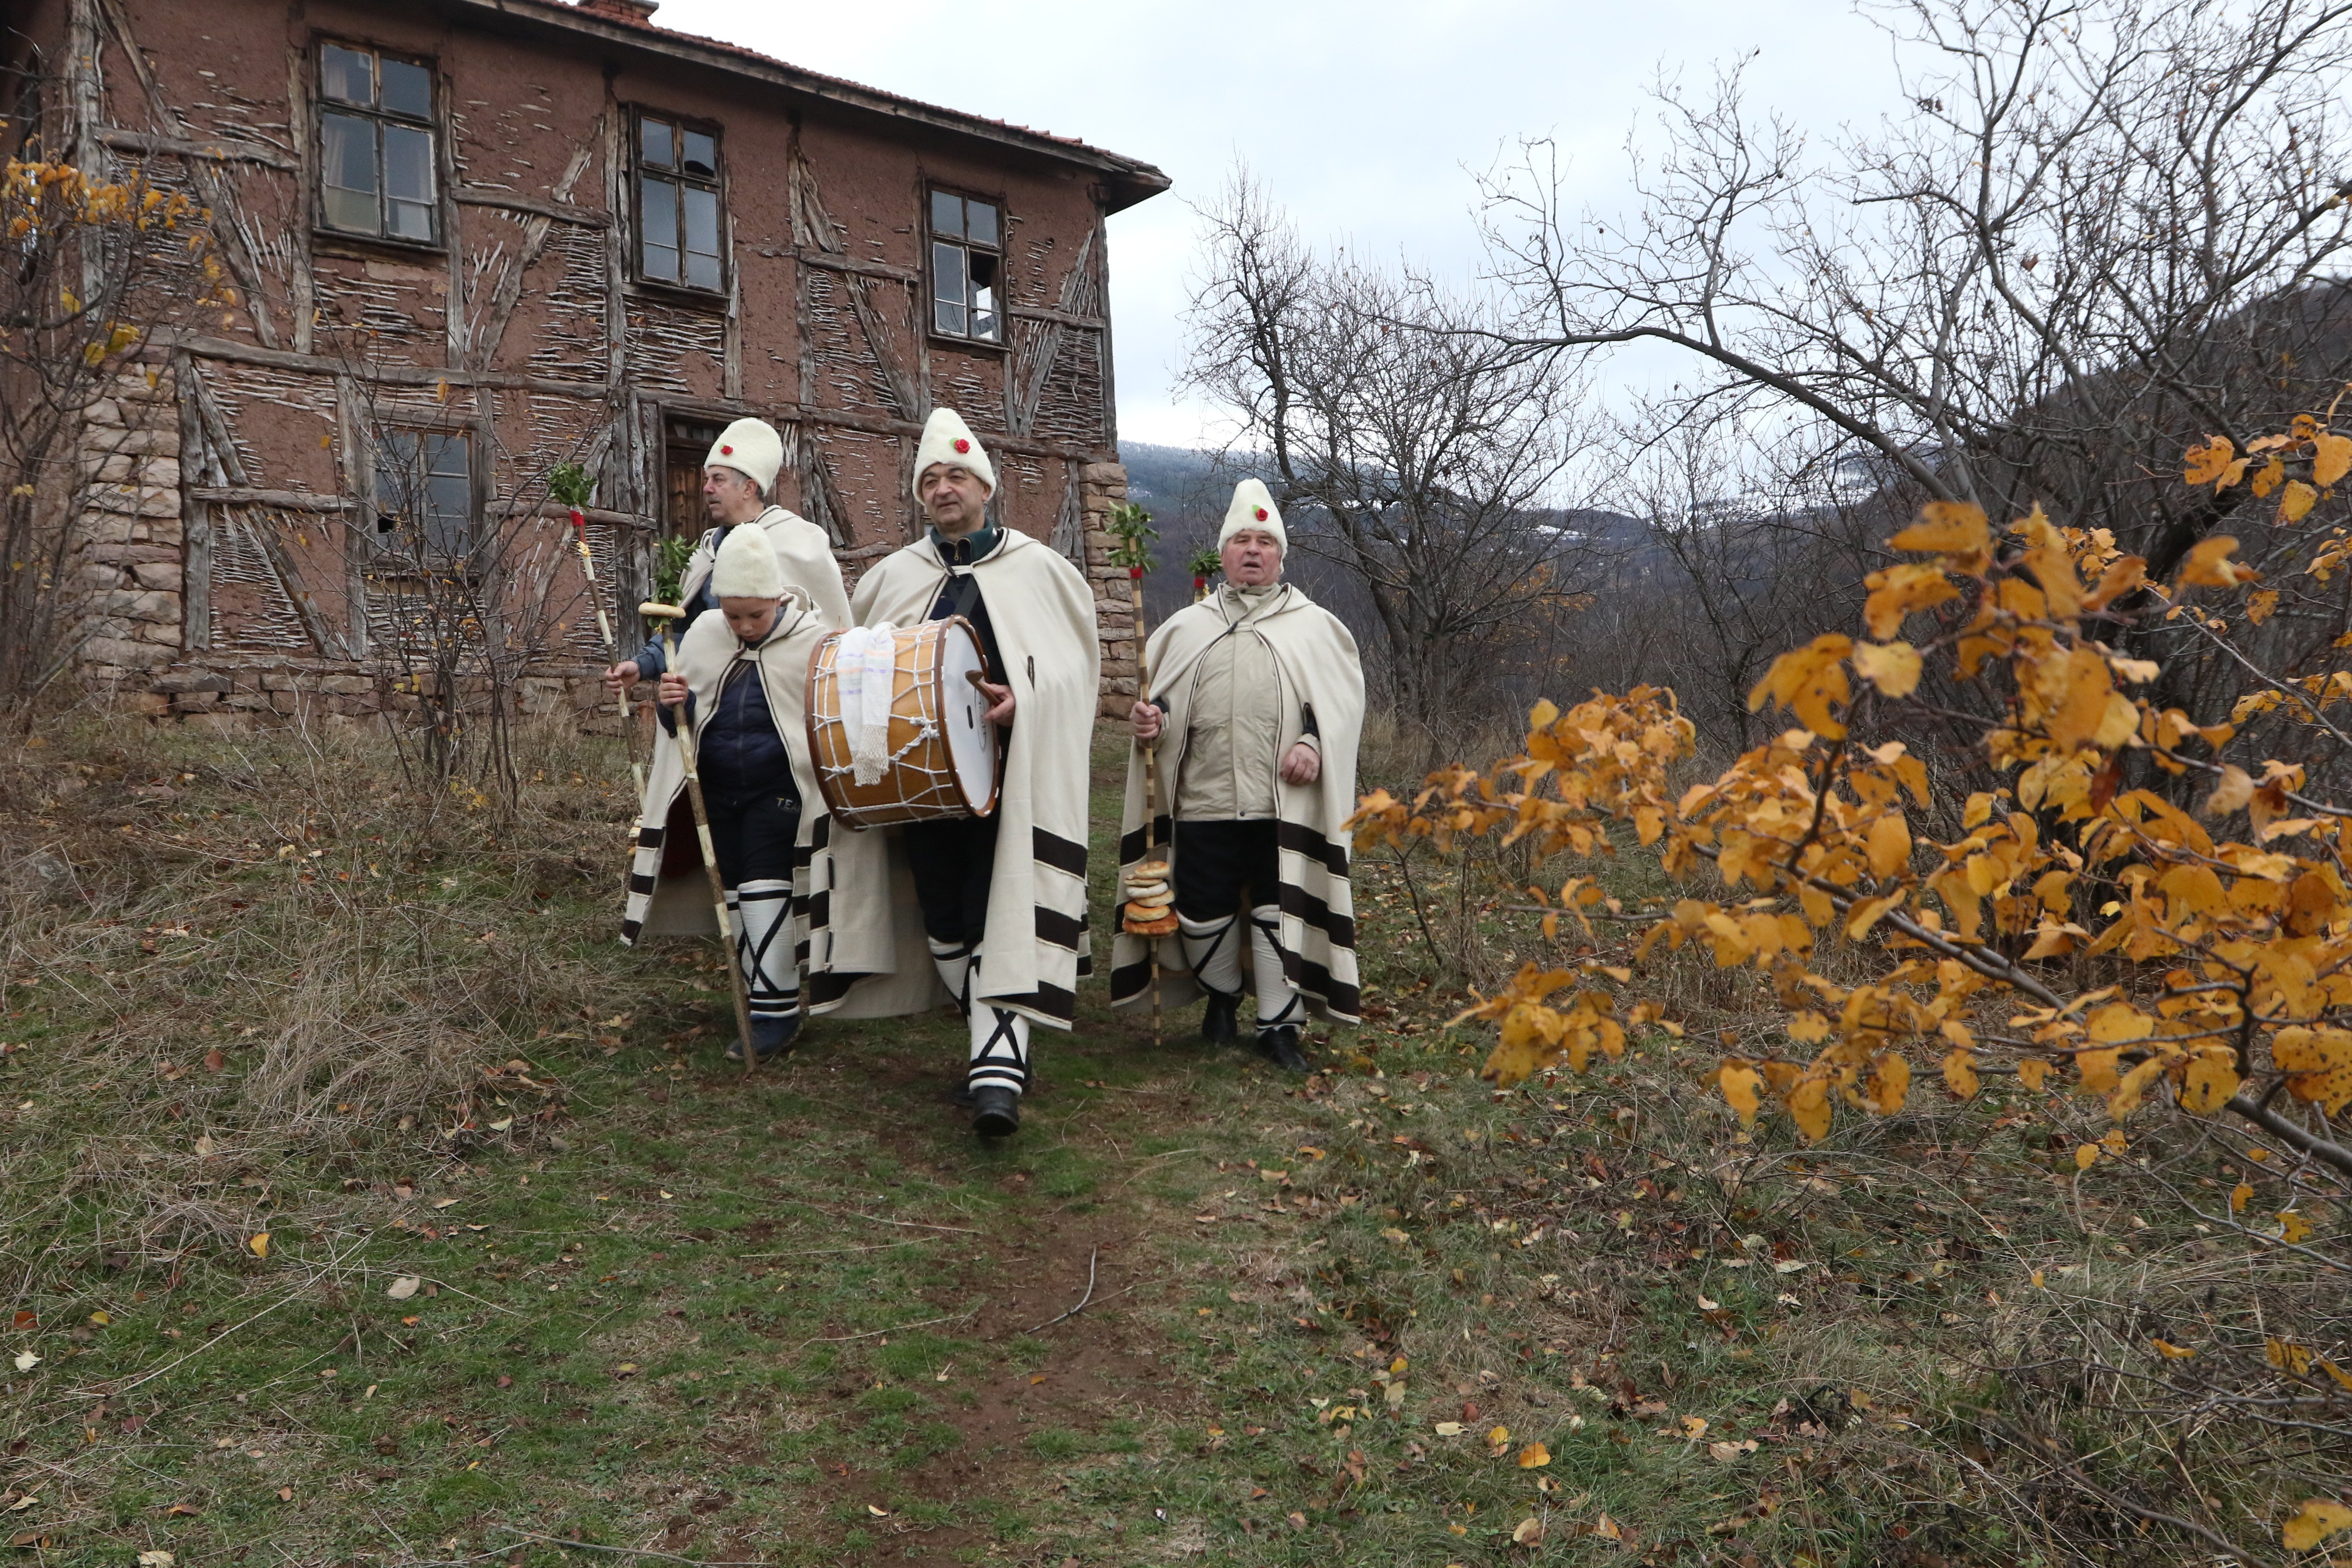 """Облечените празнично коледари са с накичени с китки калпаци, а в ръцете си носят """"шарени тояги""""."""